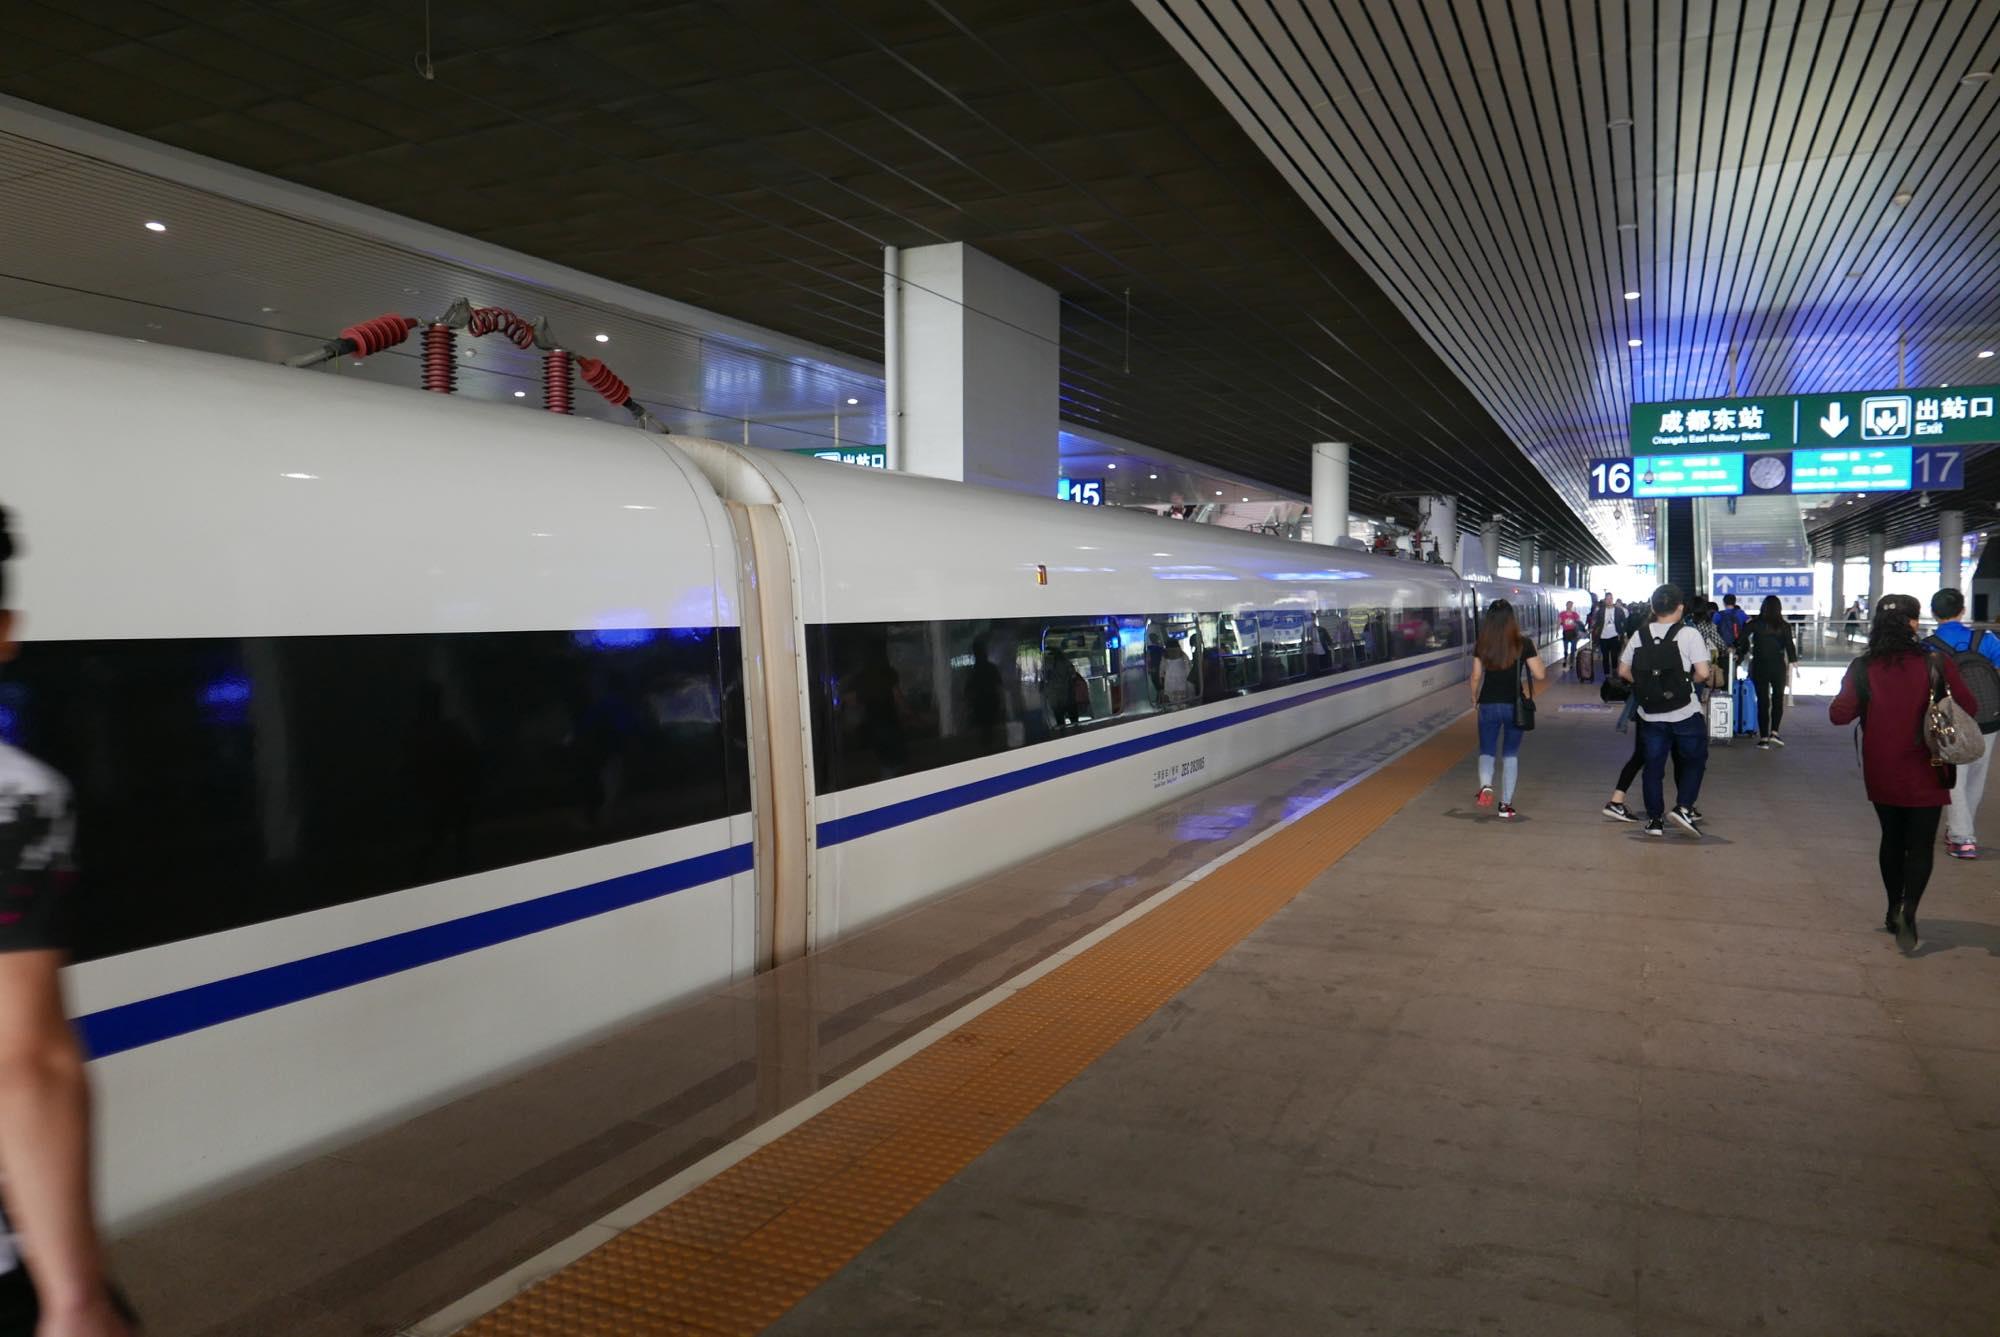 成都 空港 鉄道 ターミナル2